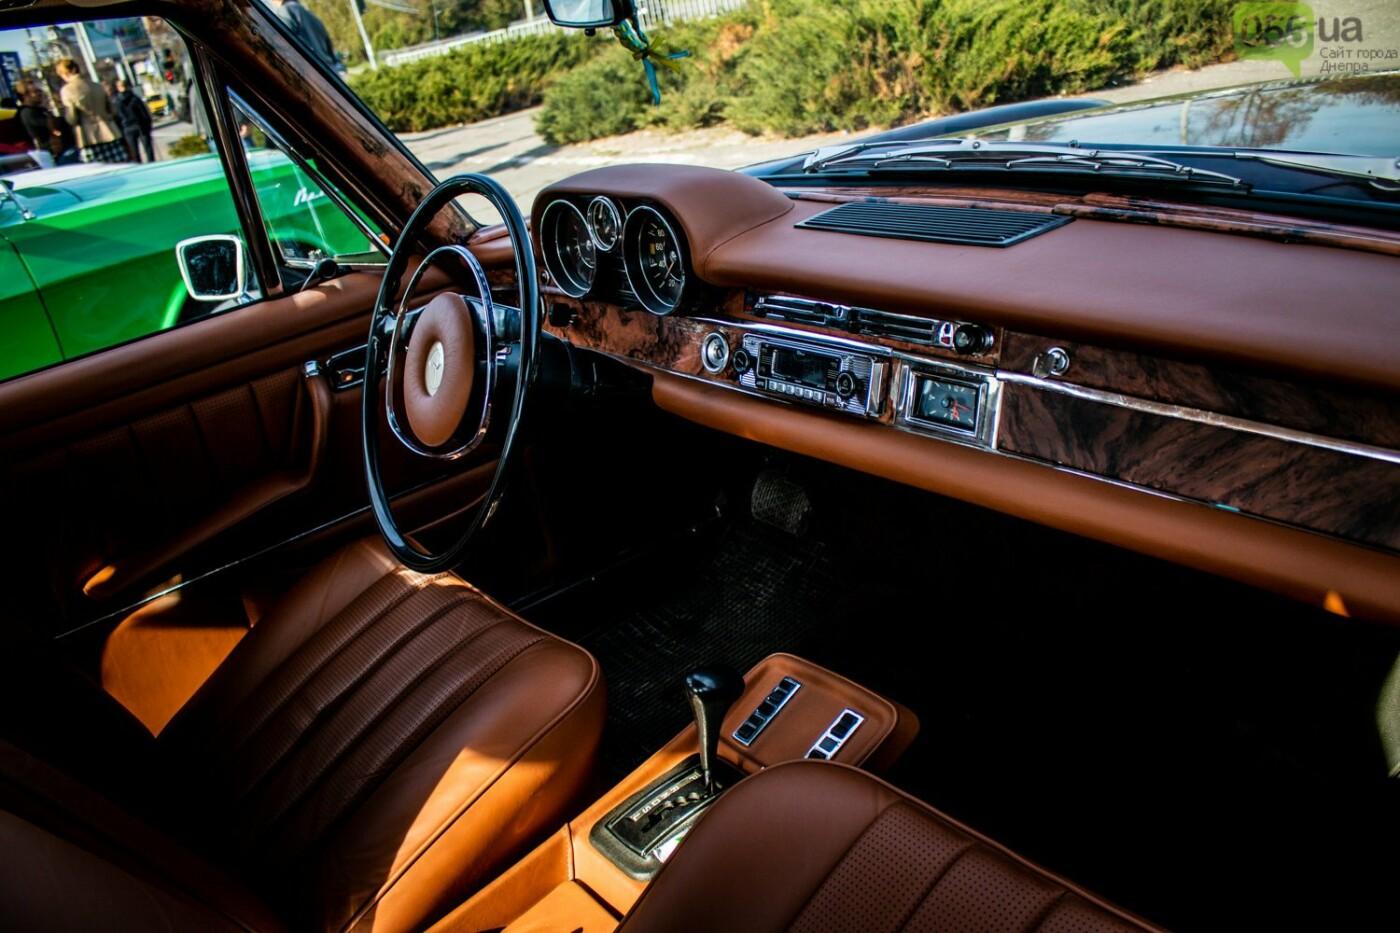 «Реставрация – это недешевое хобби»: как в Днепре проходит встреча владельцев ретро-автомобилей, - ФОТОРЕПОРТАЖ, фото-2